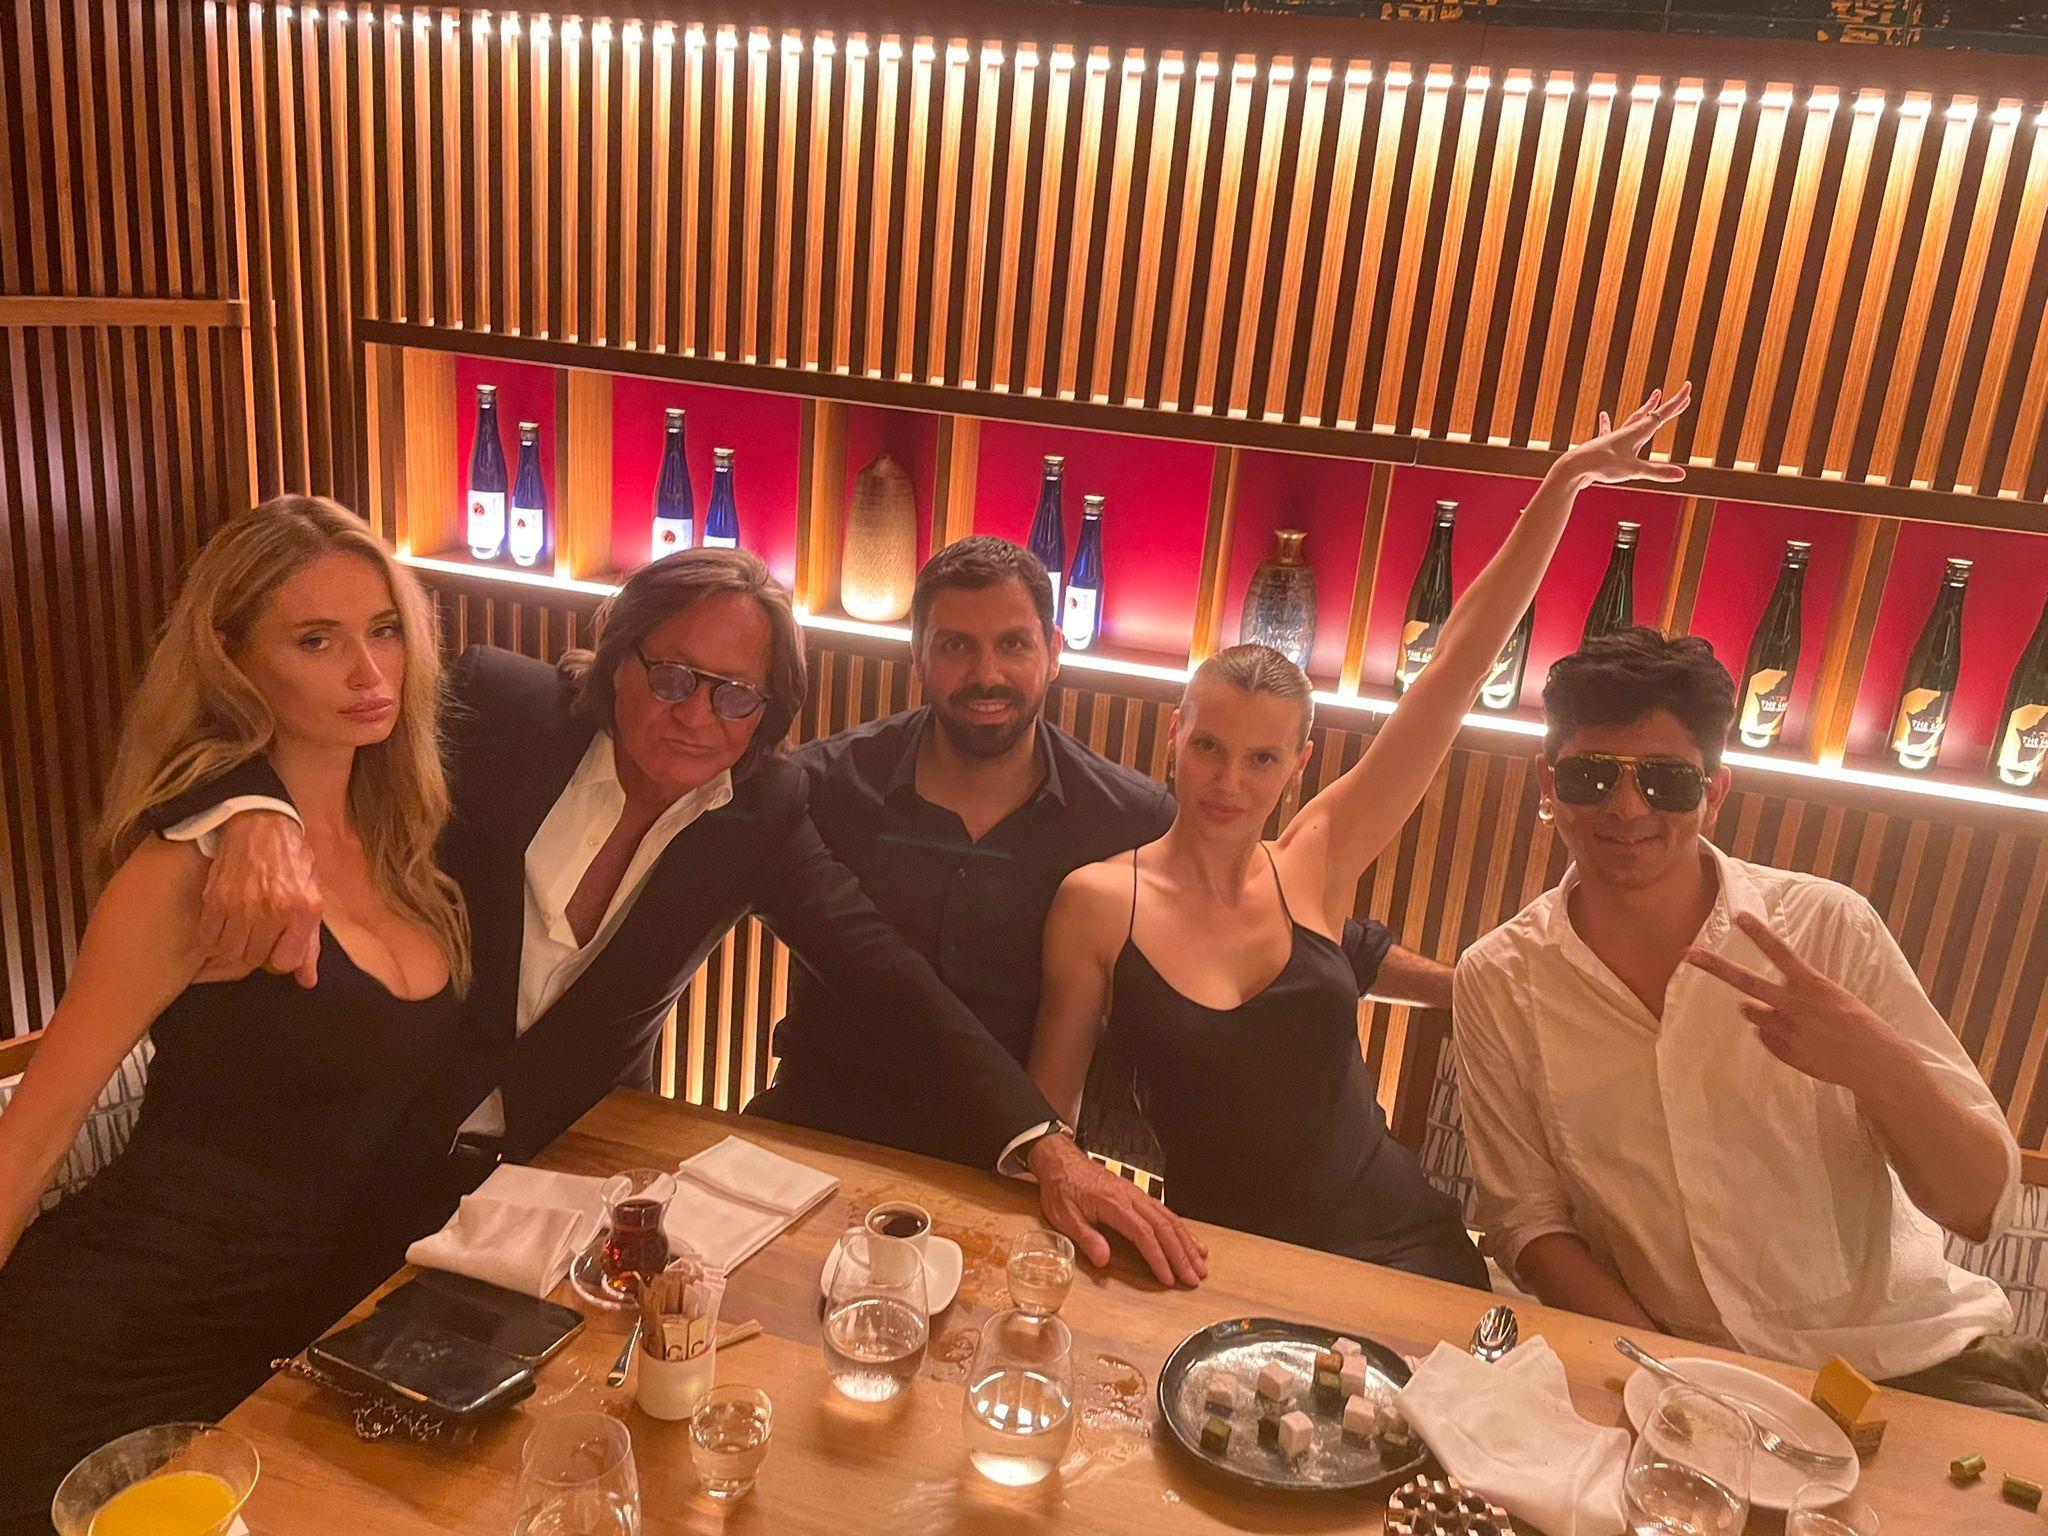 Dünyaca ünlü isimler Candice Swanepoel ve Mohamed Hadid, Nobu İstanbul için geldi